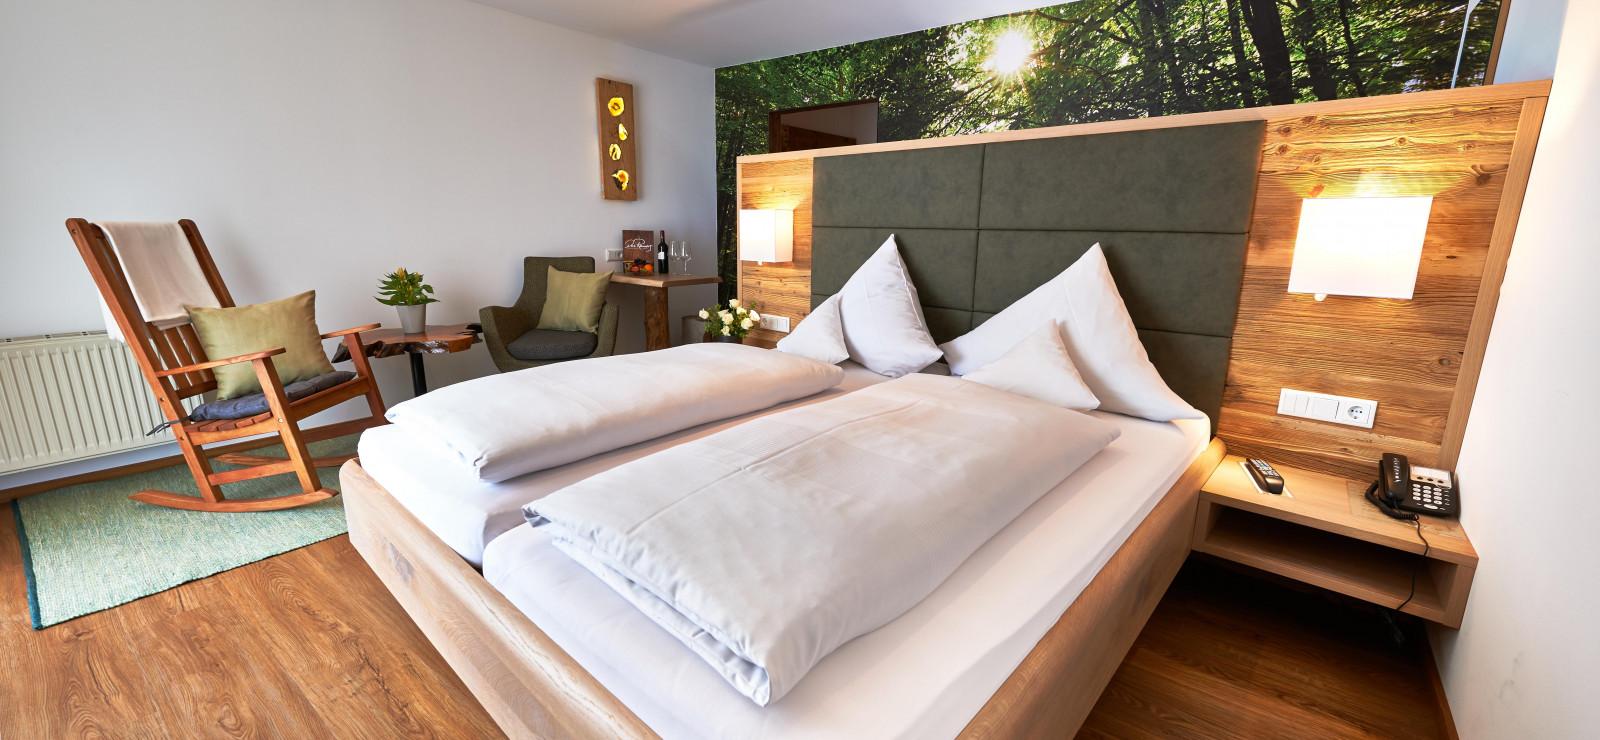 Wellnesshotels st oswald bayerischer wald bewertungen for Design hotel wellness deutschland